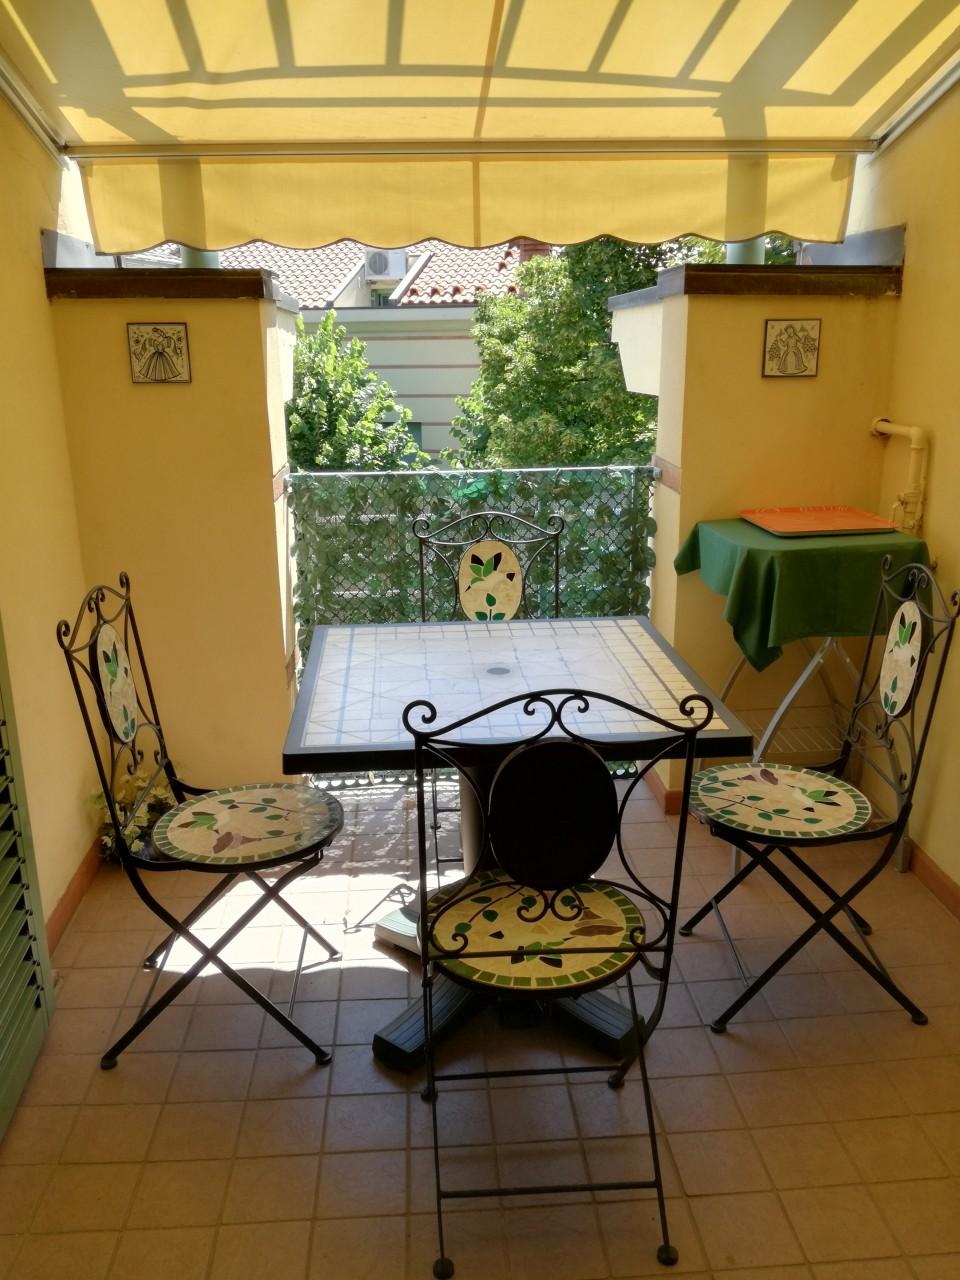 Santarcangelo di Romagna - Centro - Appartamento